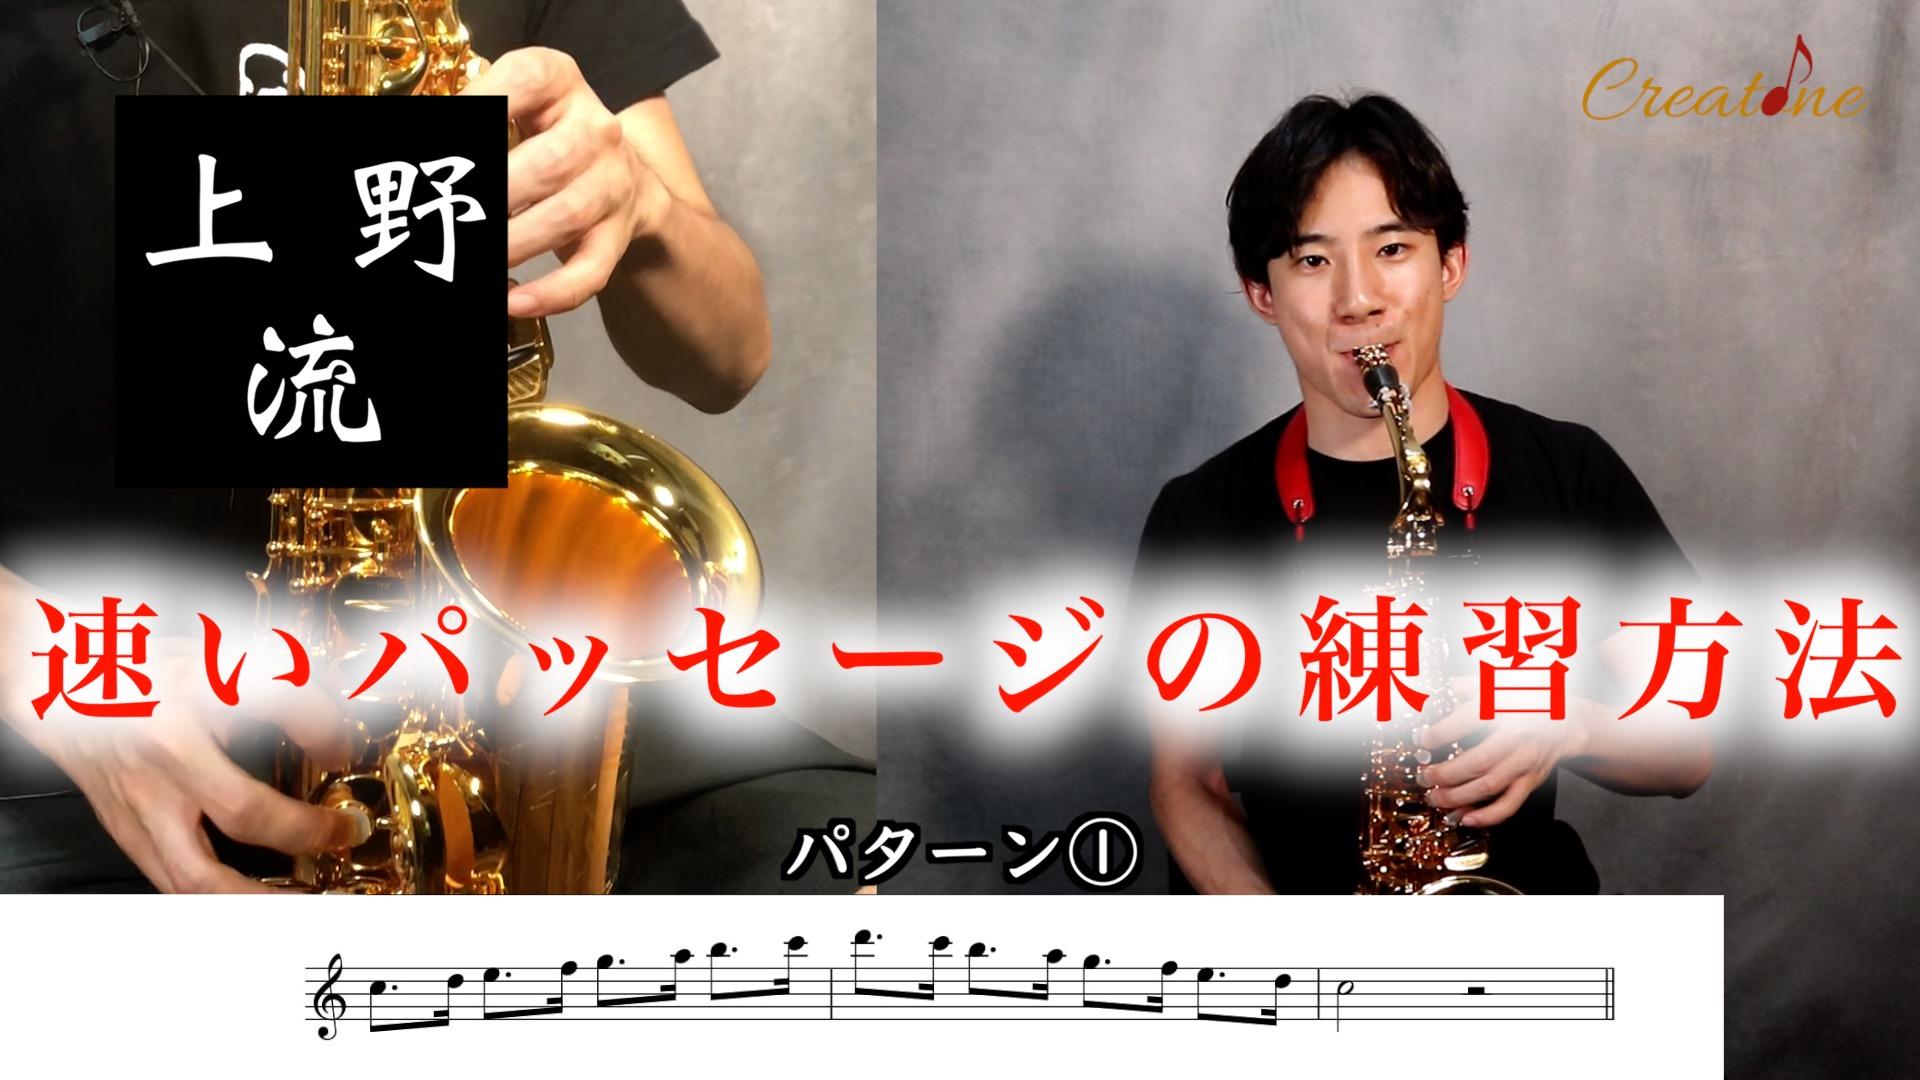 上野耕平19 速いパッセージの練習方法 サムネ